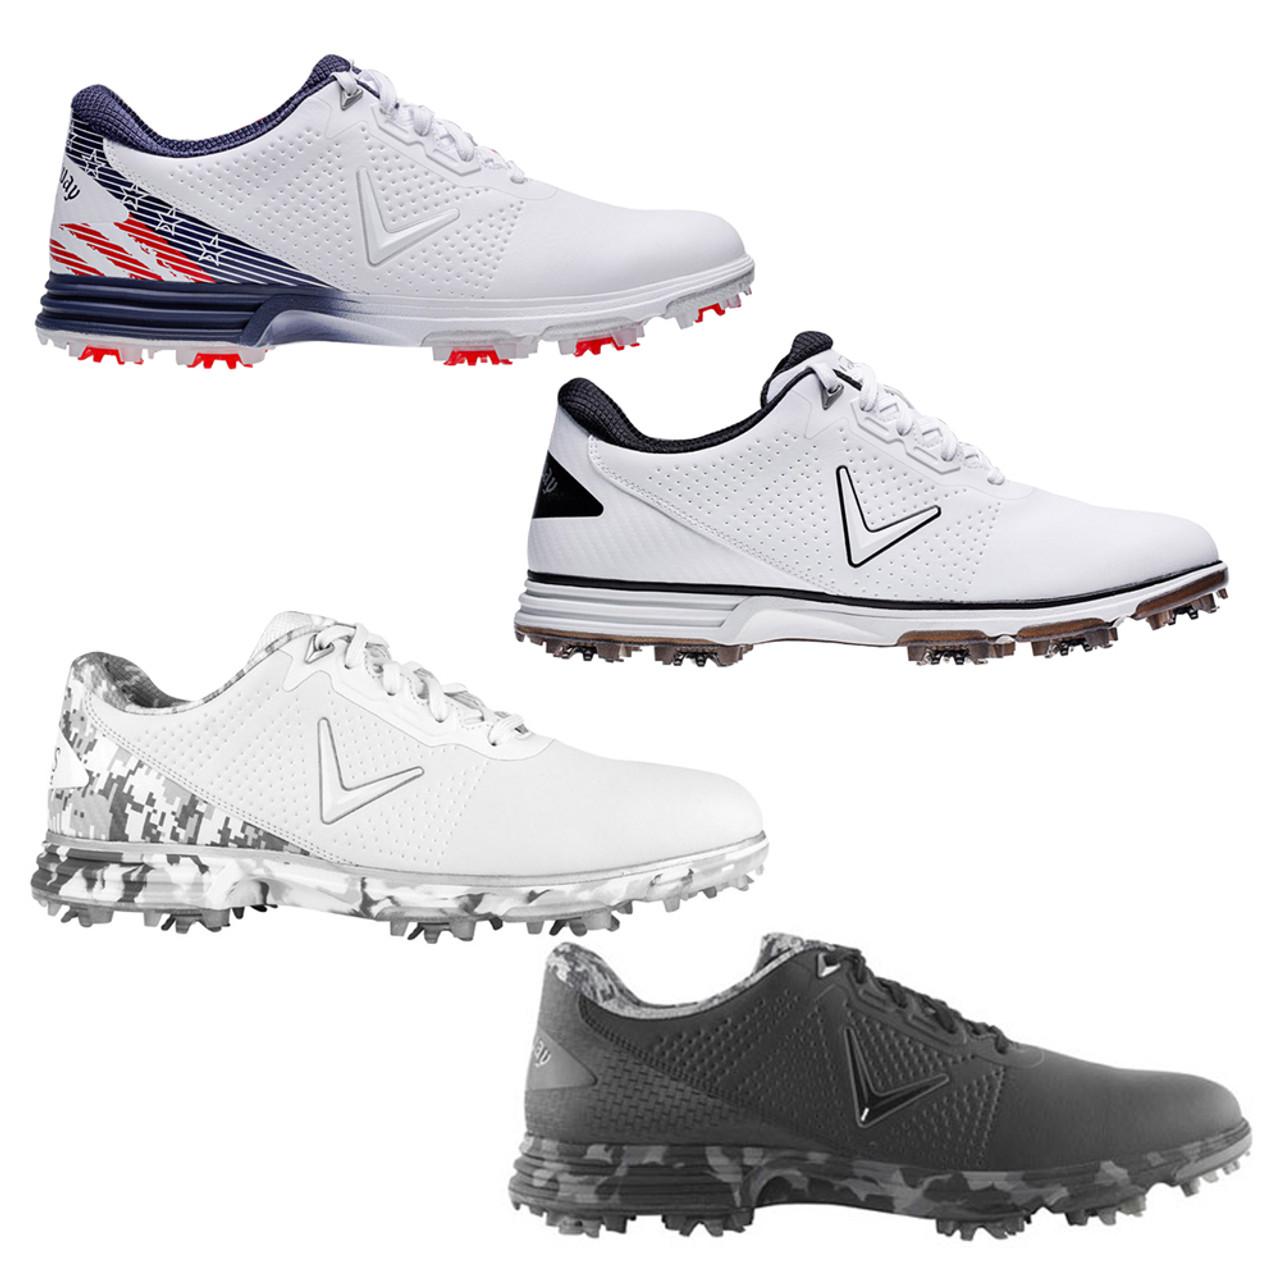 Callaway Coronado Golf Shoes 2020 - Golfio